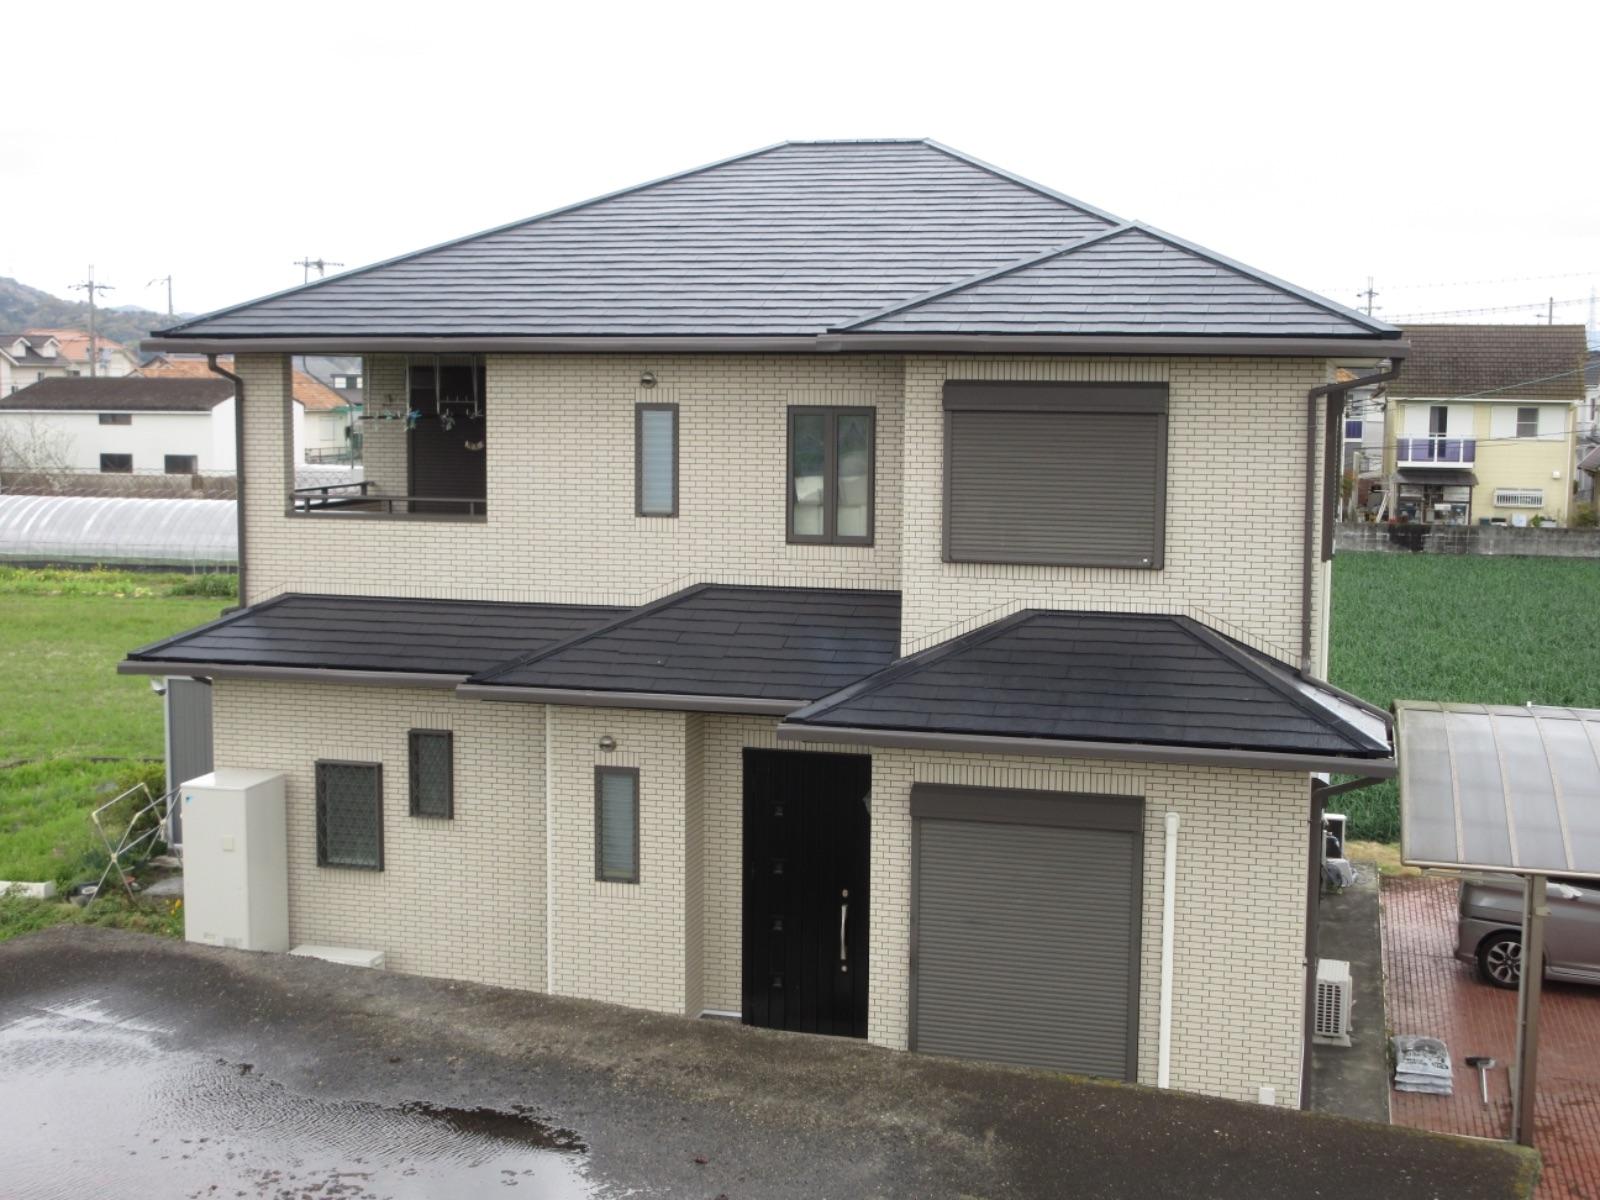 紀の川市 S様邸 屋根・付帯部塗装工事                                      『屋根の印象がガラリと変わり素敵なお家に♫』